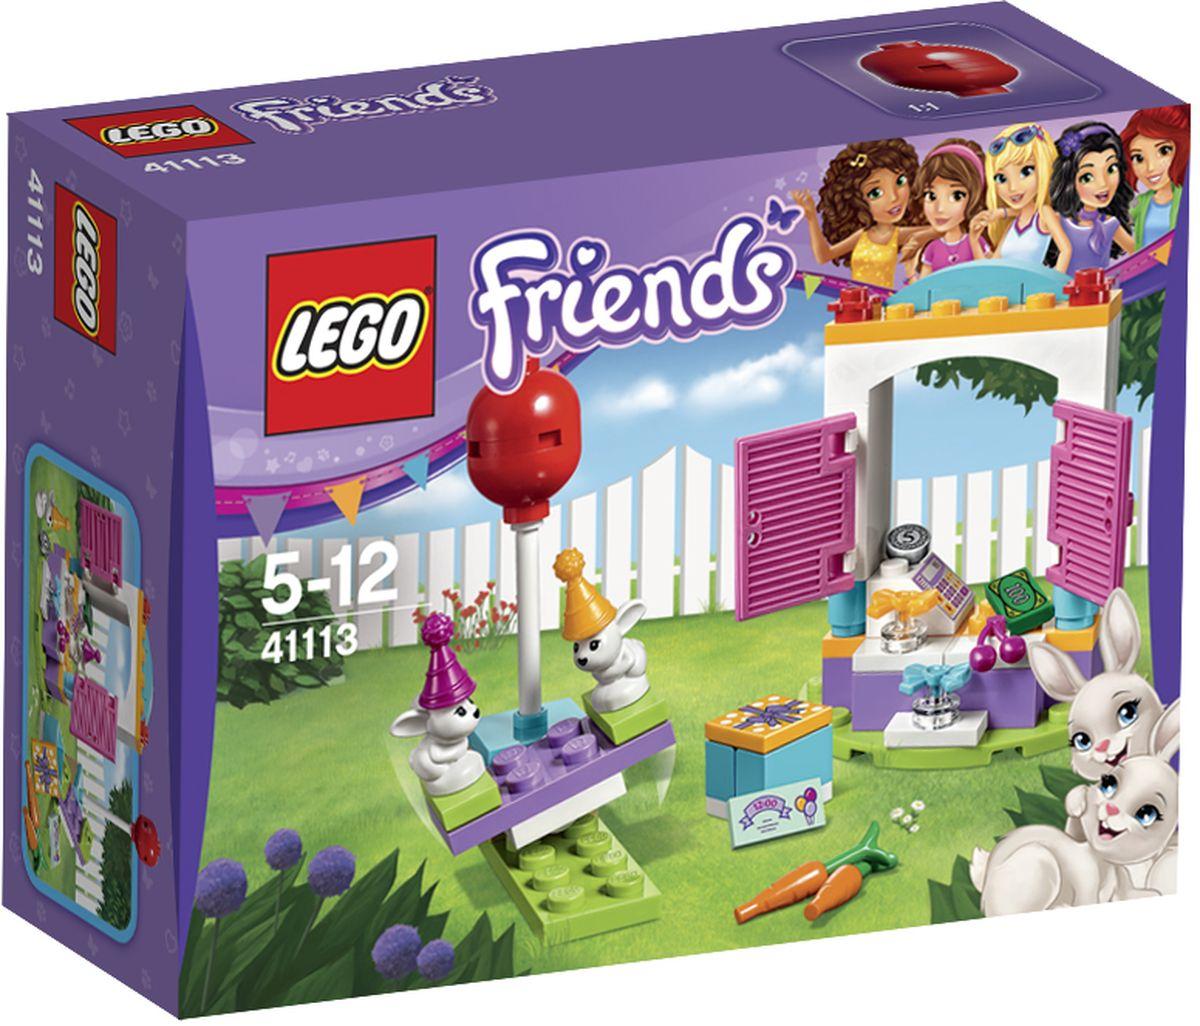 LEGO Friends Конструктор День рождения Магазин подарков 4111341113На вечеринку по случаю Дня рождения приглашены крольчата, нужно помочь им выбрать подарок. Откройте ставни магазина и выберите подарок, который вы положите в подарочную коробку. Теперь они могут качаться на качелях и перекусывать вкусной морковкой, прежде чем отправятся на вечеринку. Набор включает в себя 52 разноцветных пластиковых элемента. Конструктор - это один из самых увлекательнейших и веселых способов времяпрепровождения. Ребенок сможет часами играть с конструктором, придумывая различные ситуации и истории.